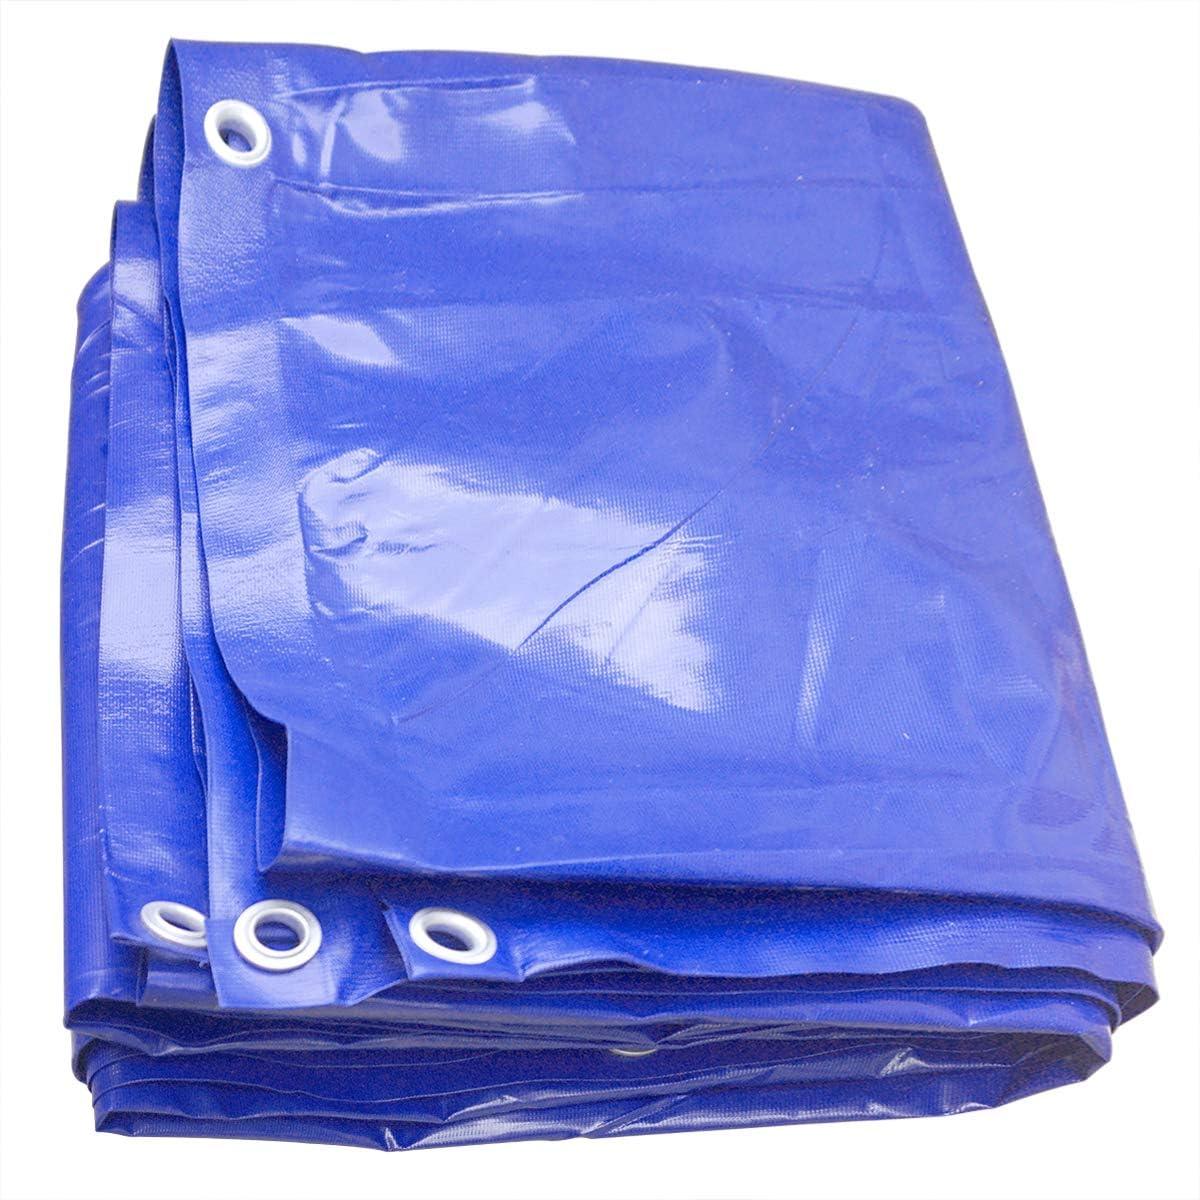 Akuoly Lona Impermeable Exterior 2m x 3m Lona de protecci/ón para Muebles de jard/ín Coche Piscina 350g //m/² Lona de protecci/ón Impermeable y Resistente